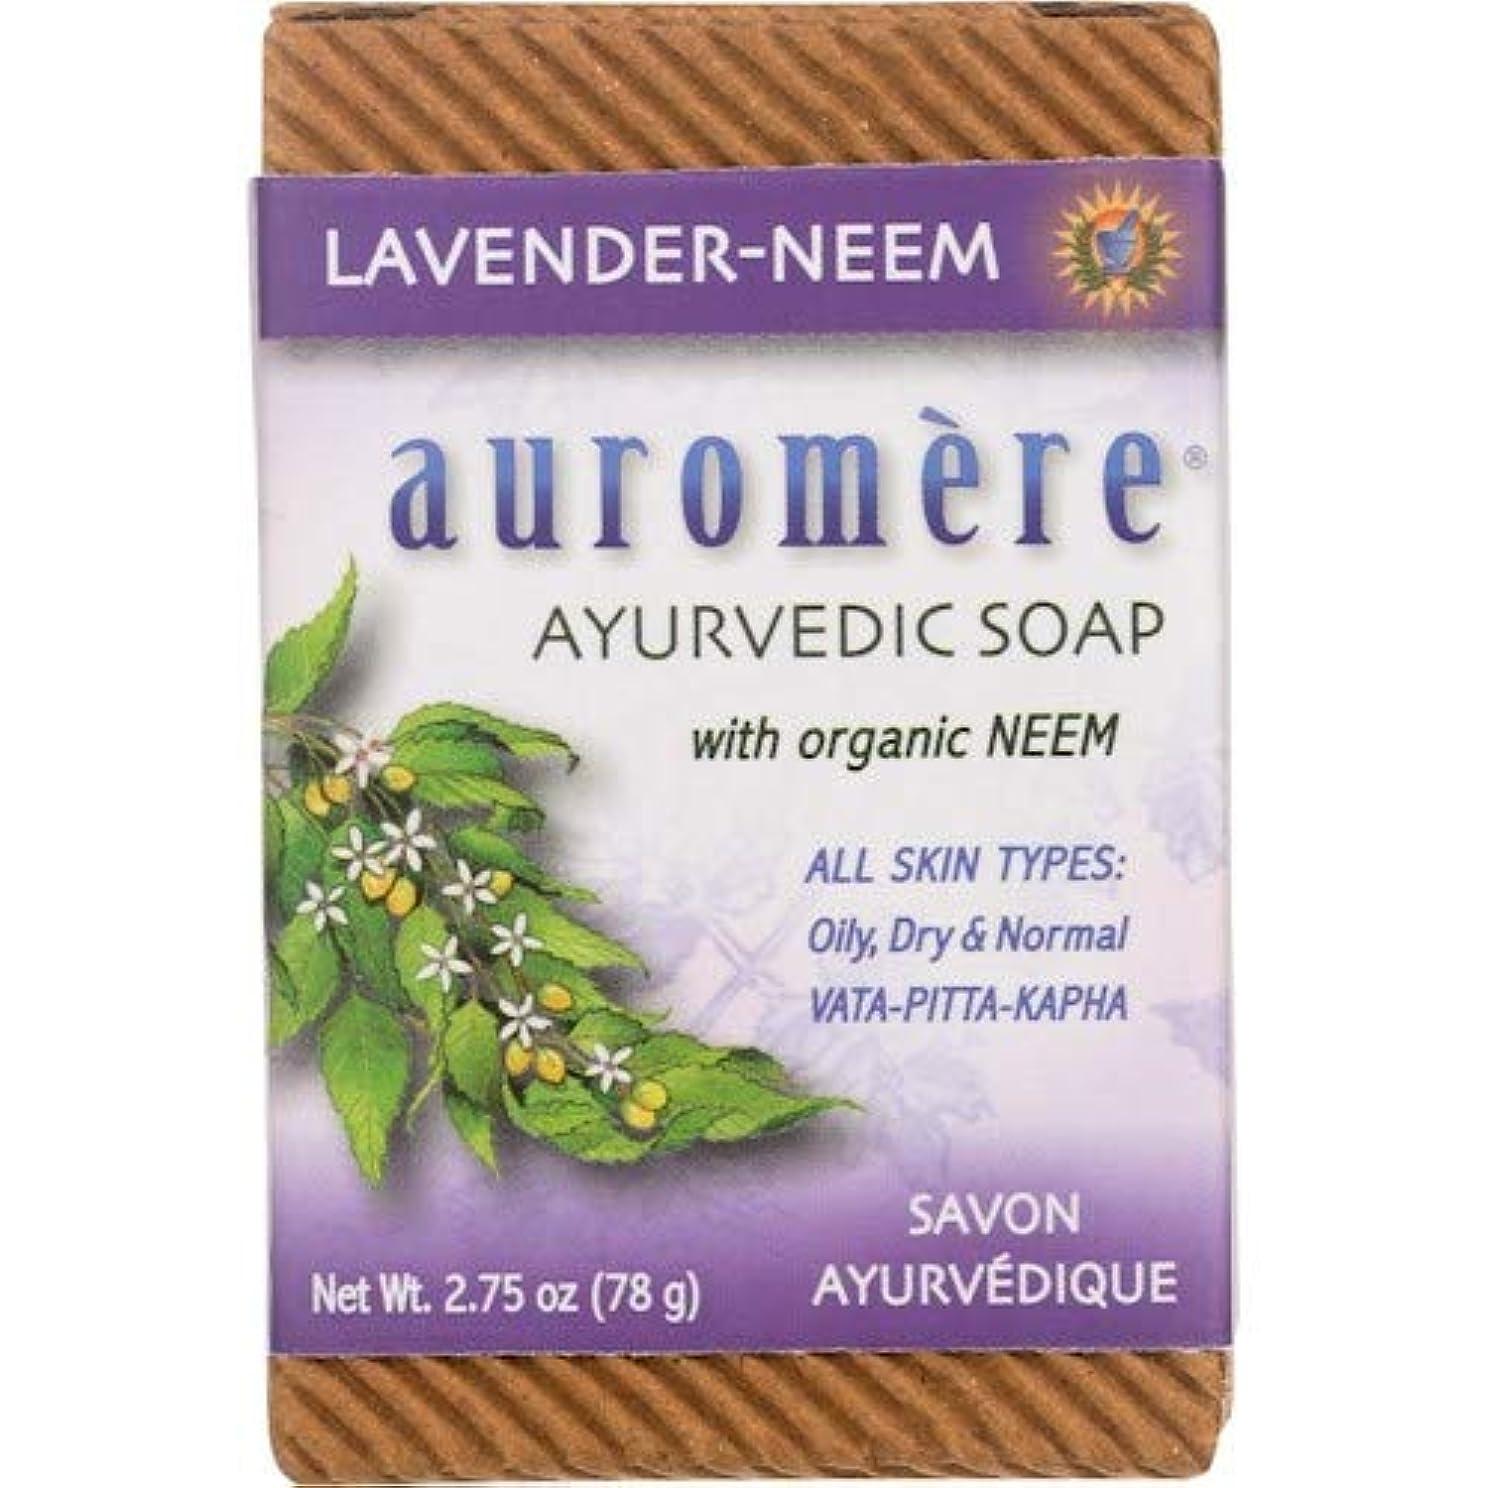 不可能なデザート若いオーロメア (Auromere) アーユルヴェーダ 石鹸/ラベンダー?ニーム 78g 6+1個 セット